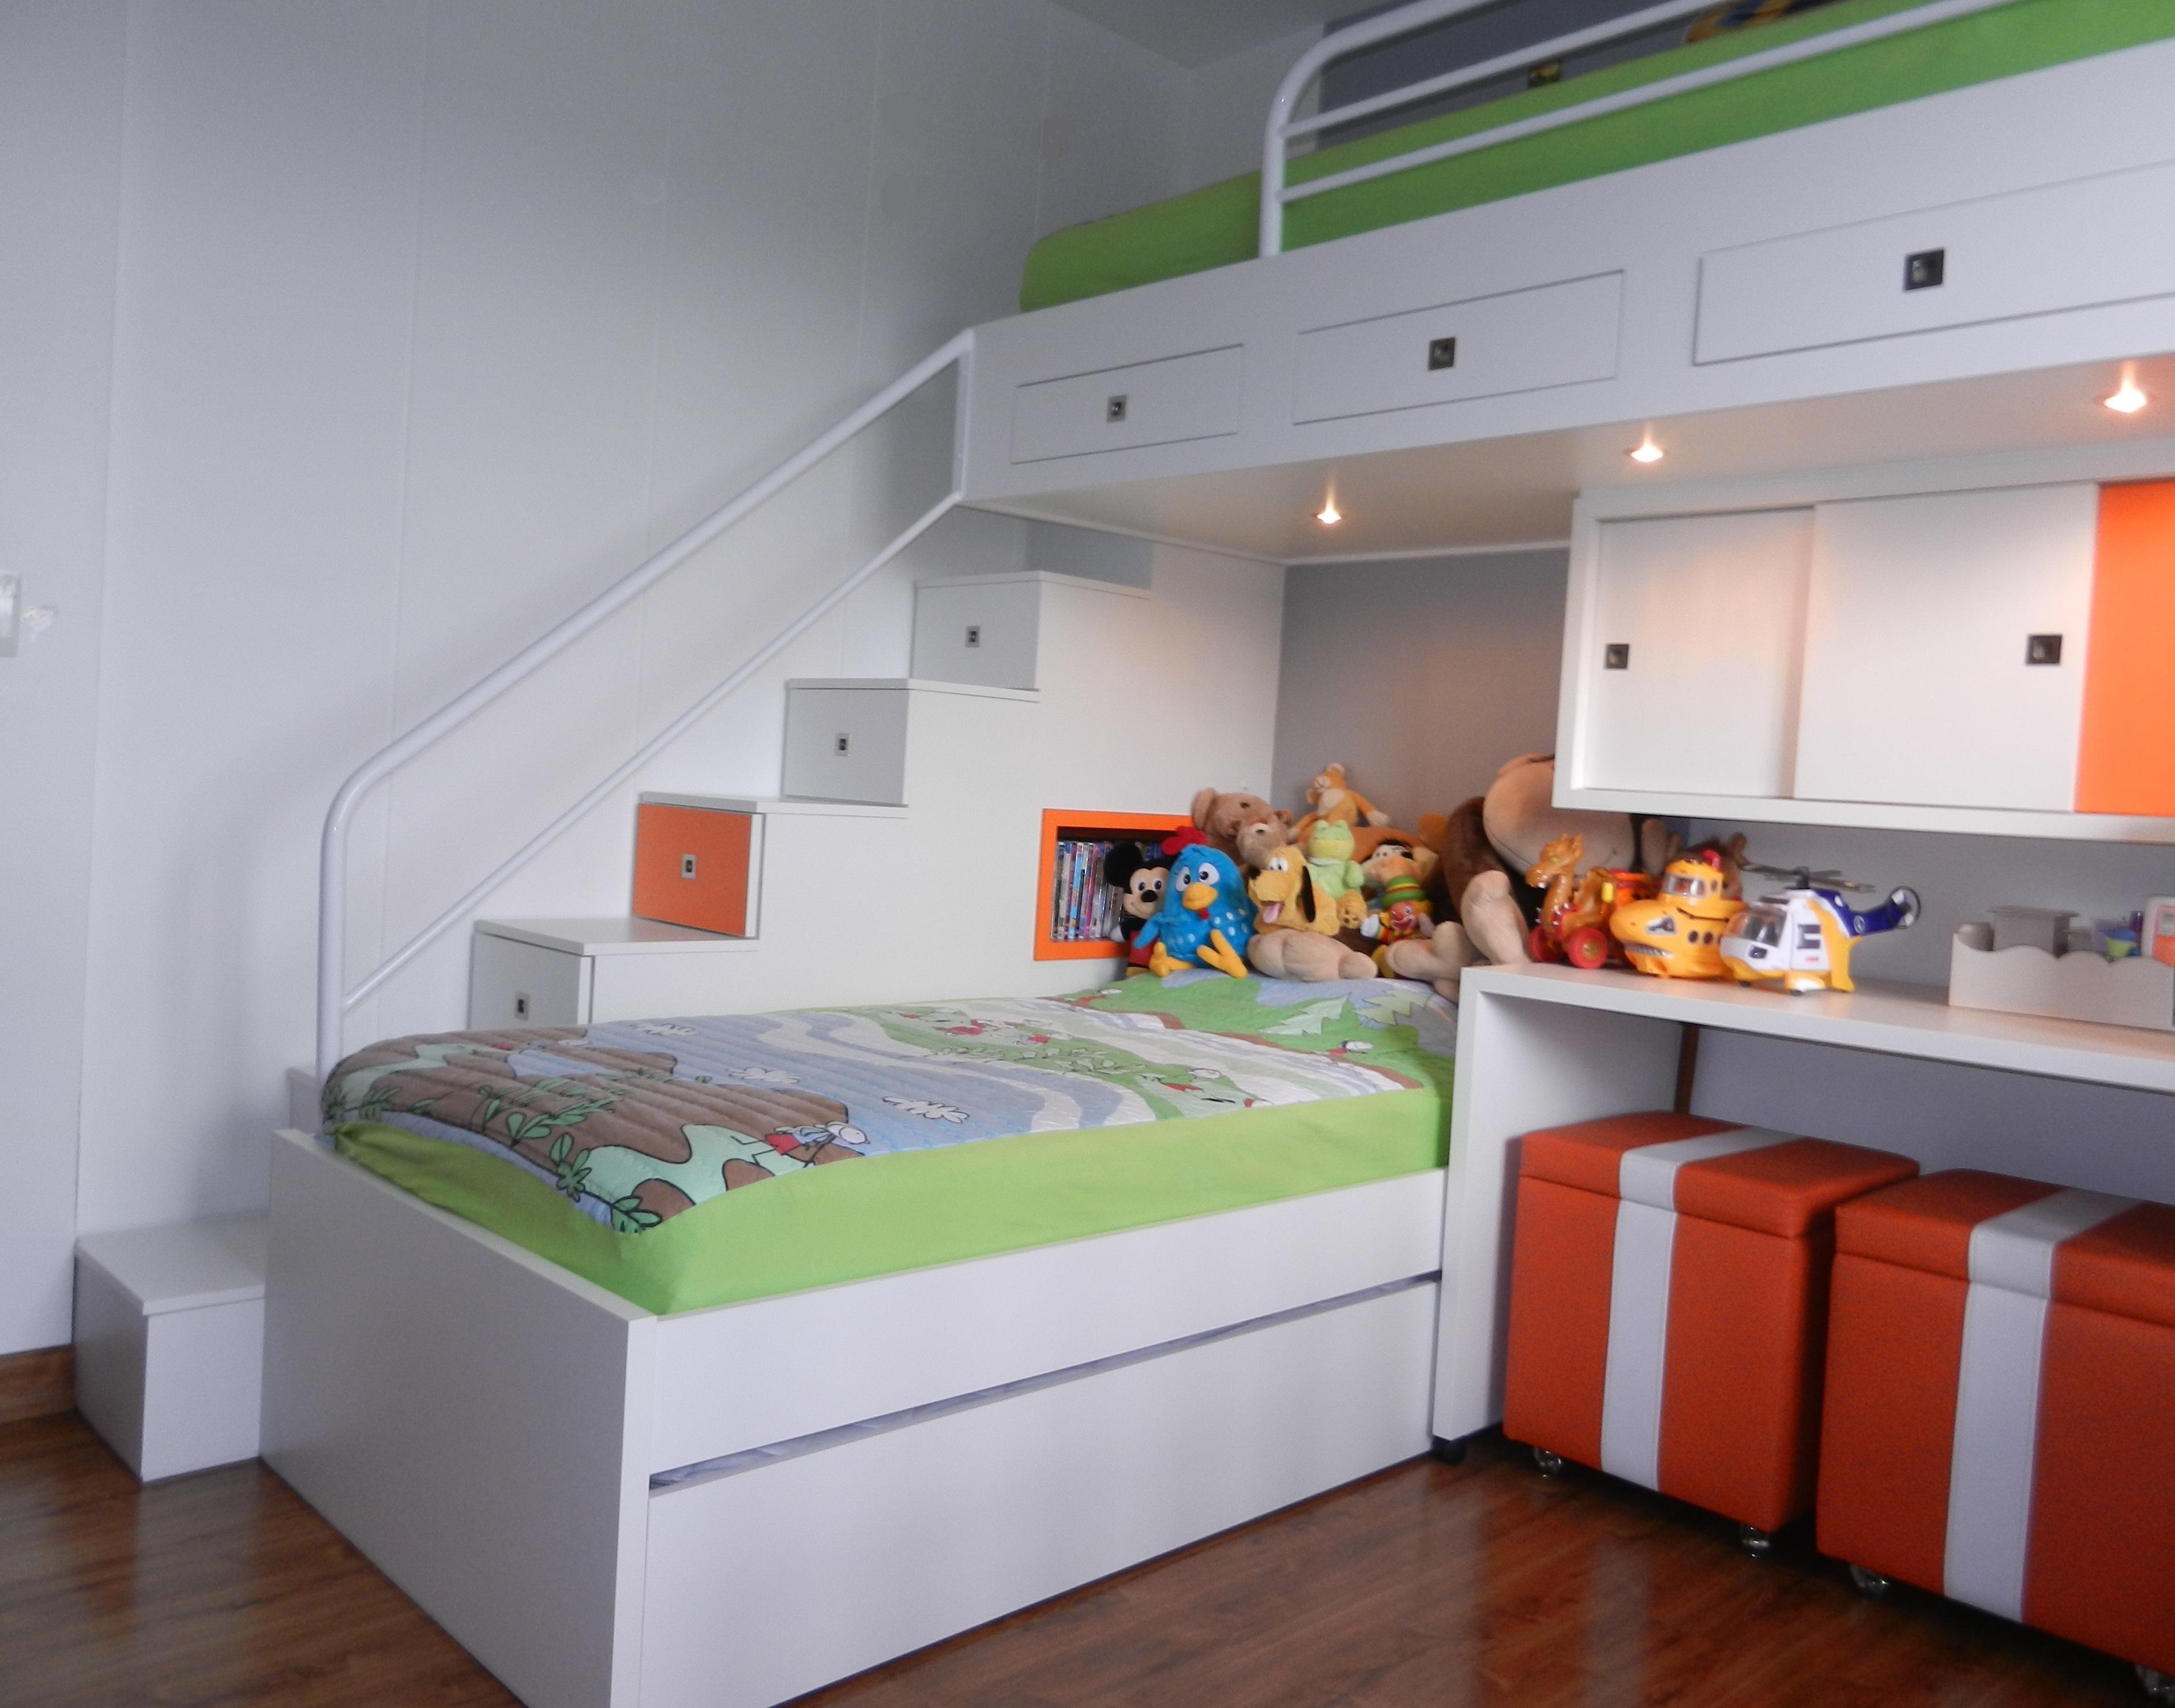 Quarto Infantil Planejado – Móveis Dicas De Decoração #AC4E1F 3771x2961